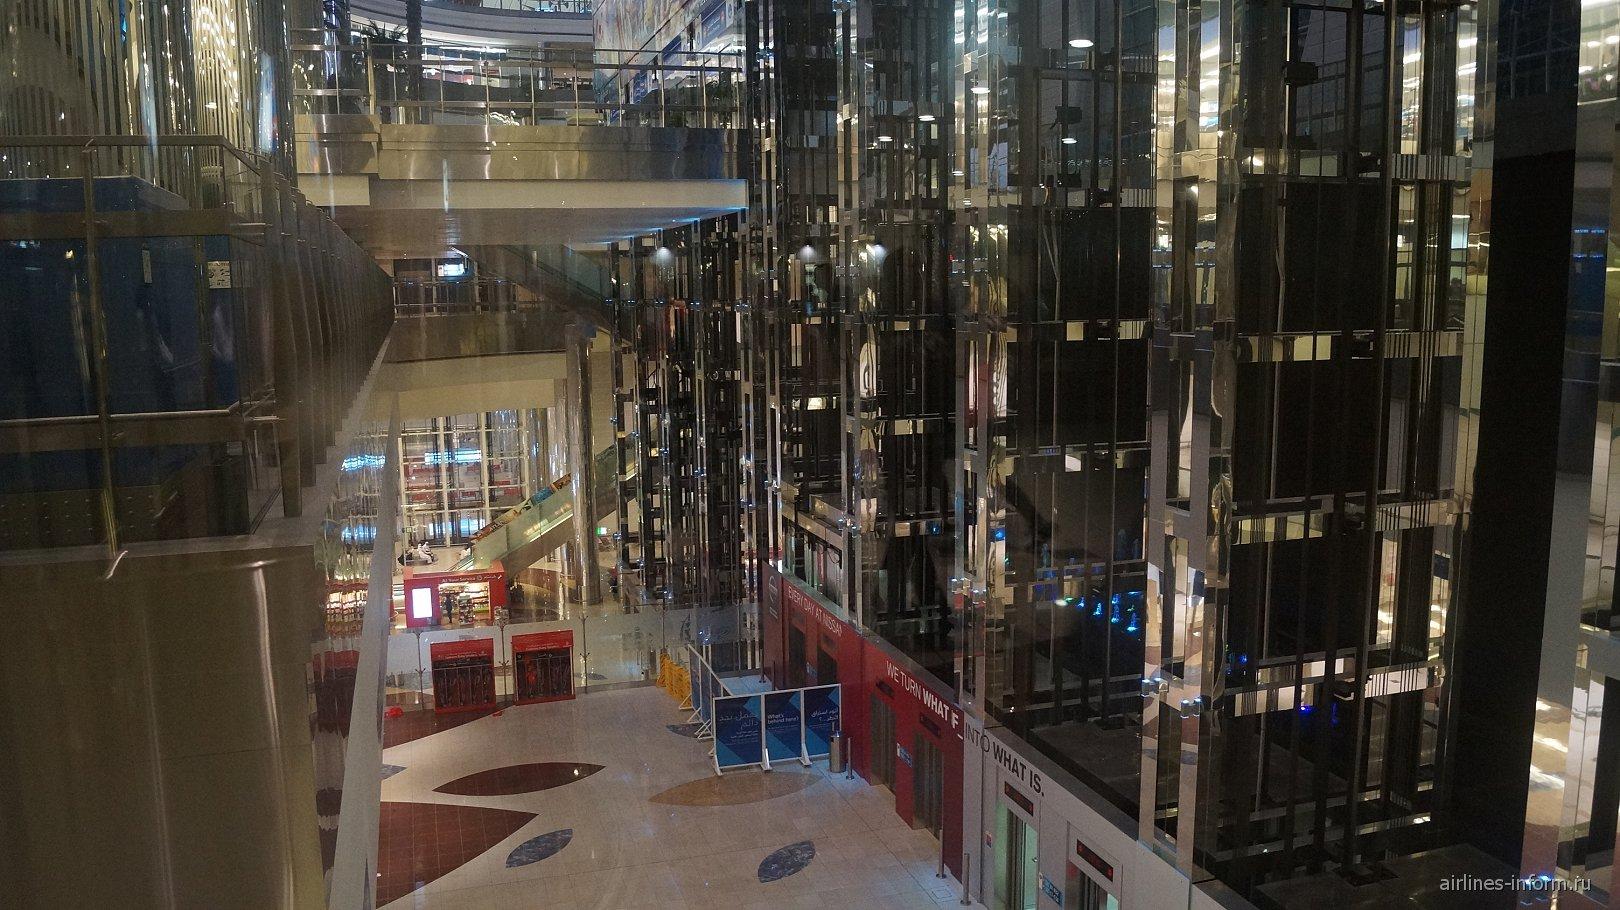 Лифты и эскалаторы в аэропорту Дубай